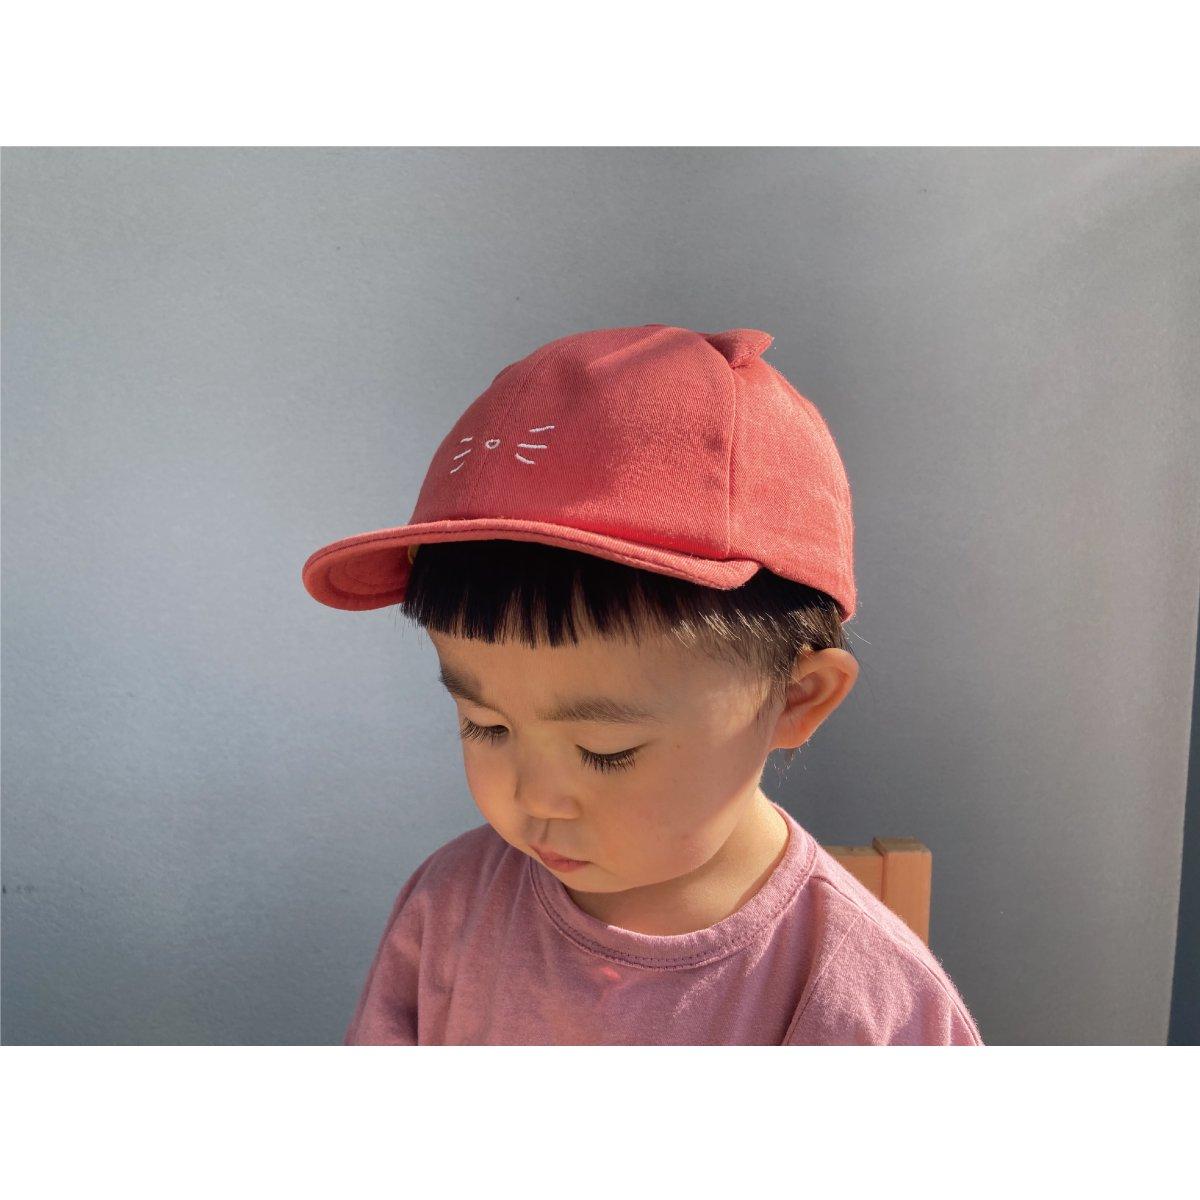 【KIDS】Cat Ear Cap 詳細画像23